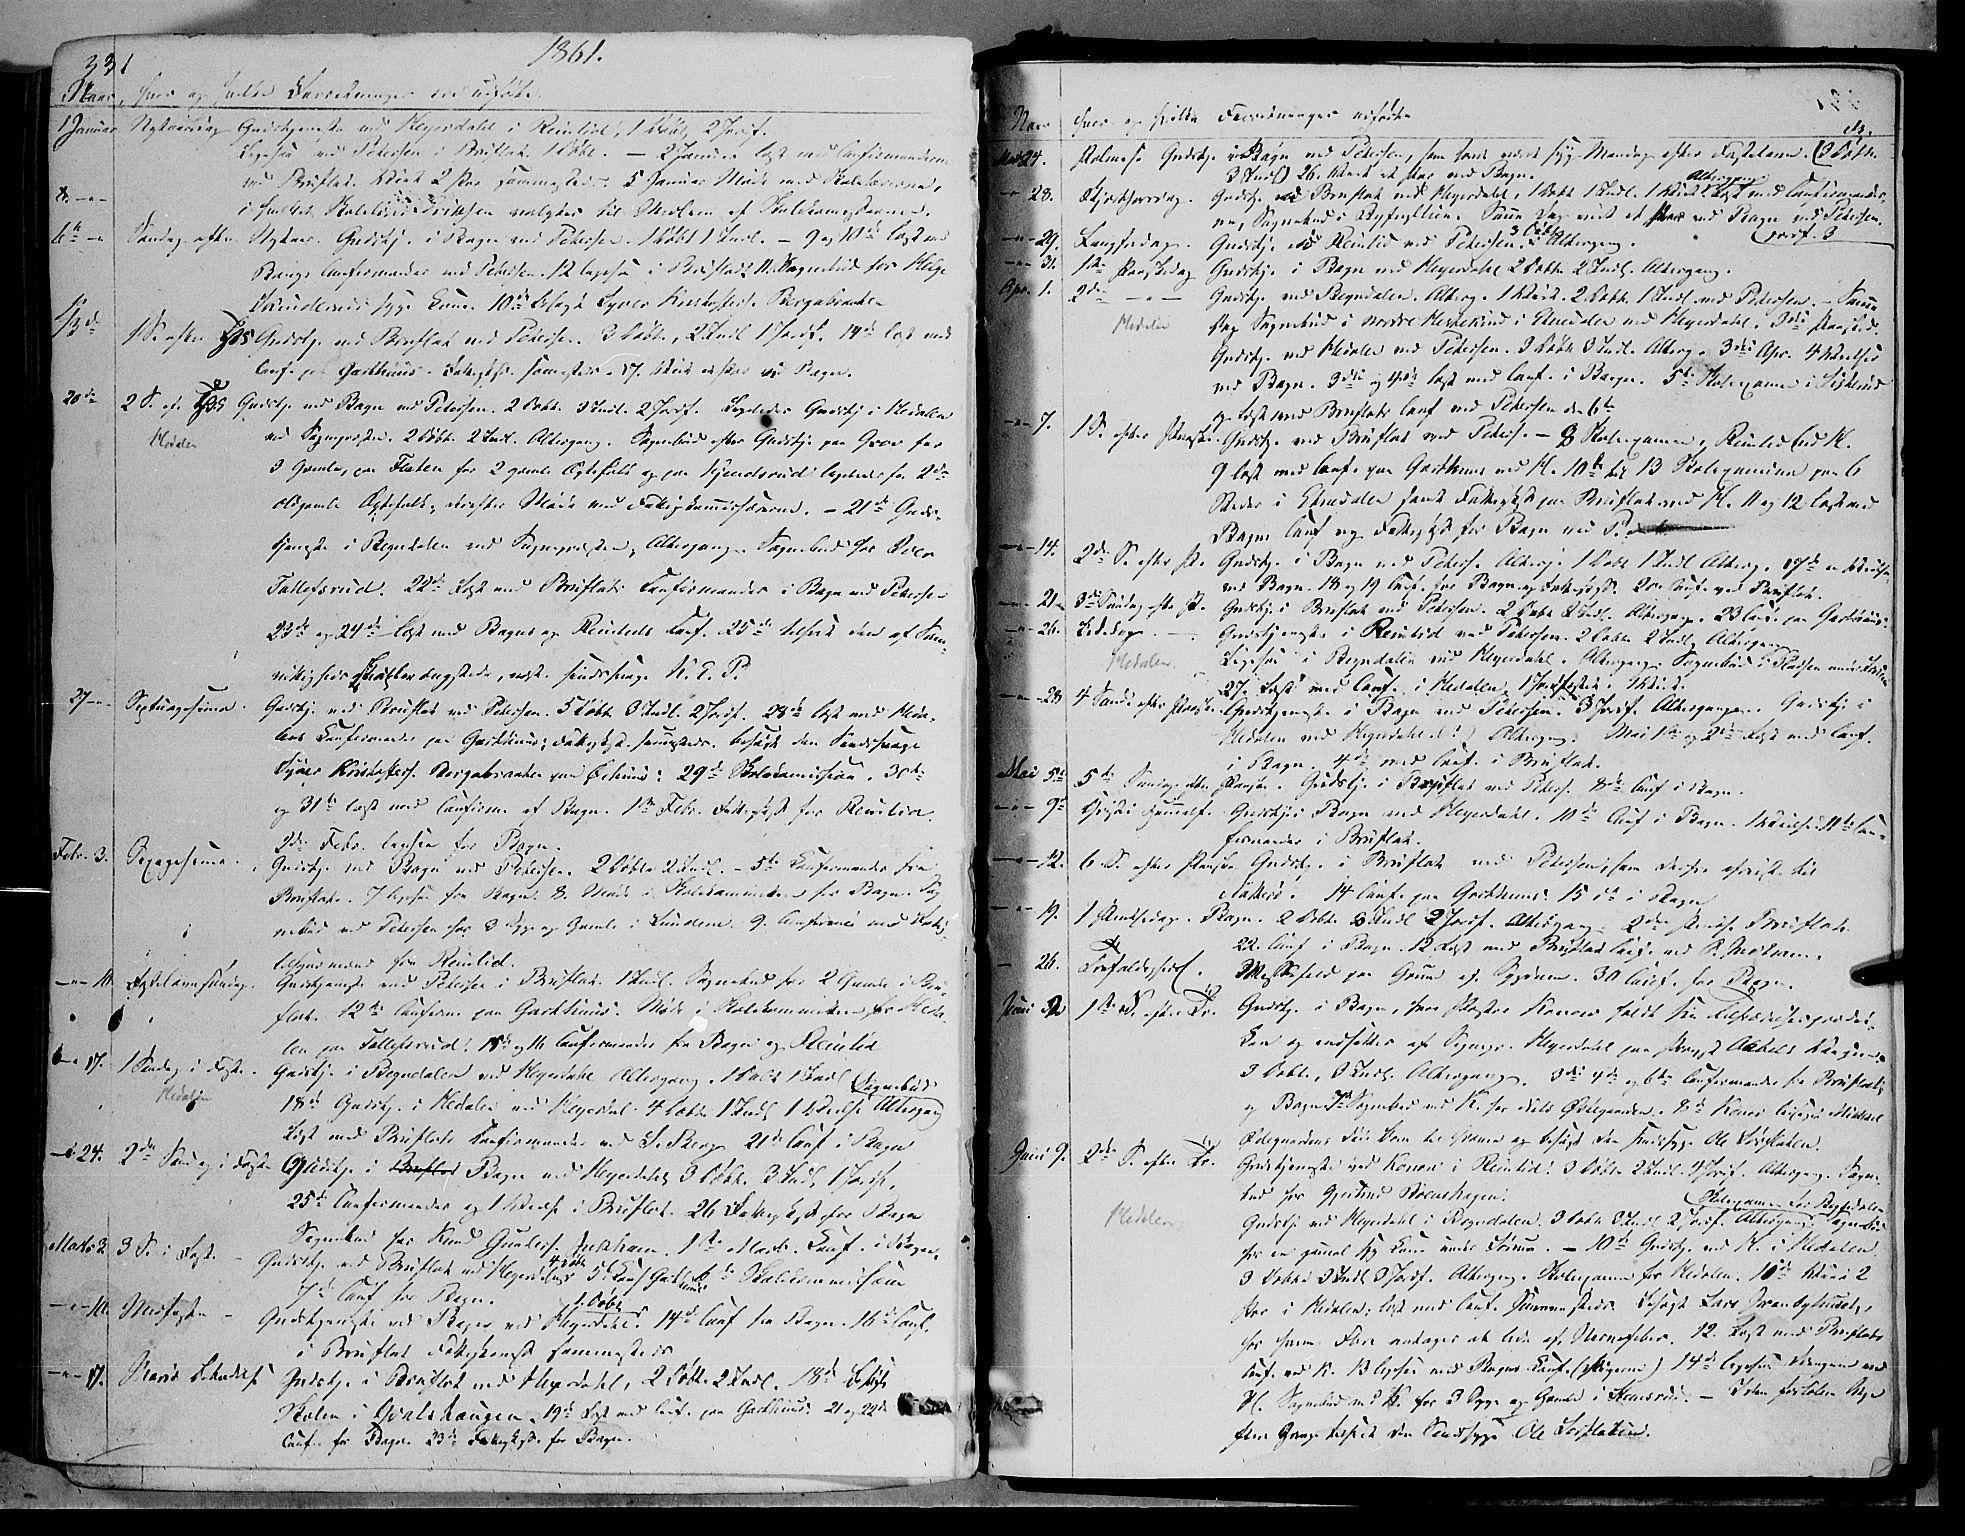 SAH, Sør-Aurdal prestekontor, Ministerialbok nr. 5, 1849-1876, s. 331